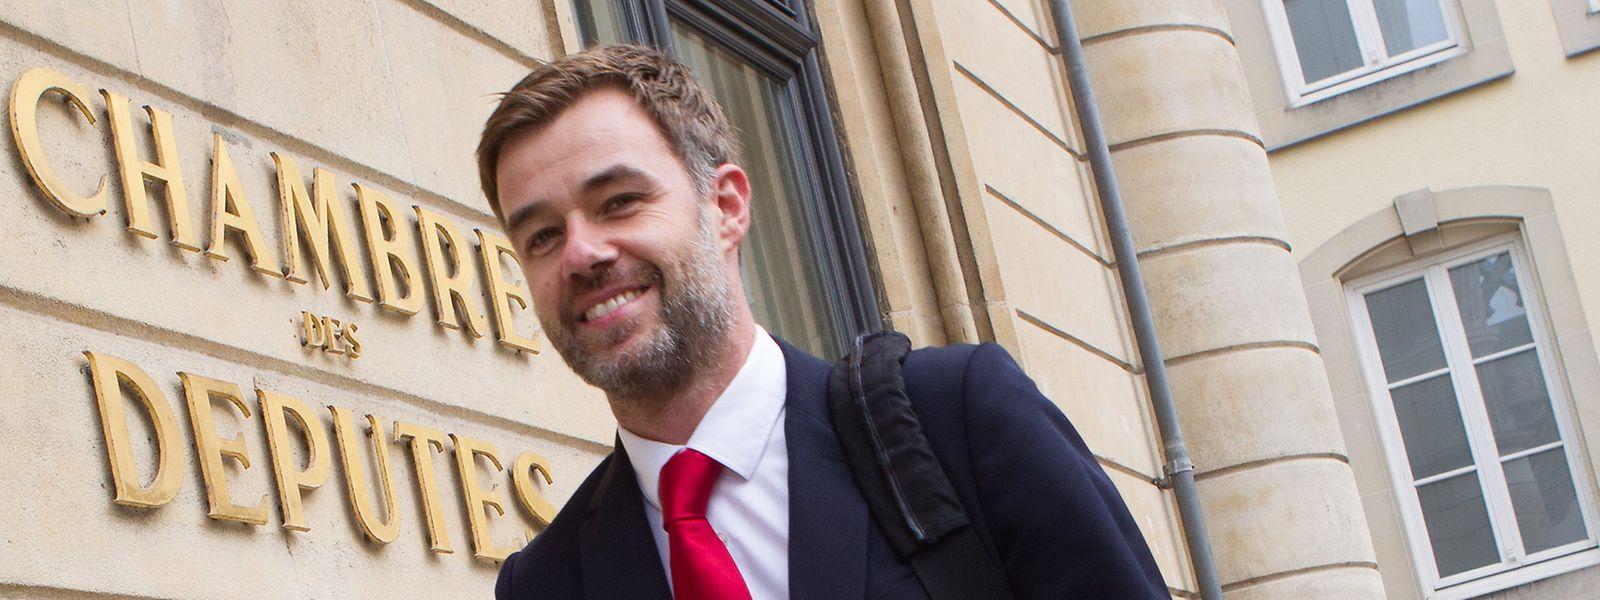 Le père de la réforme constitutionnelle, Paul-Henri Meyers verrait bien le député socialiste Franz Fayot (notre photo) reprendre le flambeau d'Alex Bodry à la tête de la Commission parlementaire.